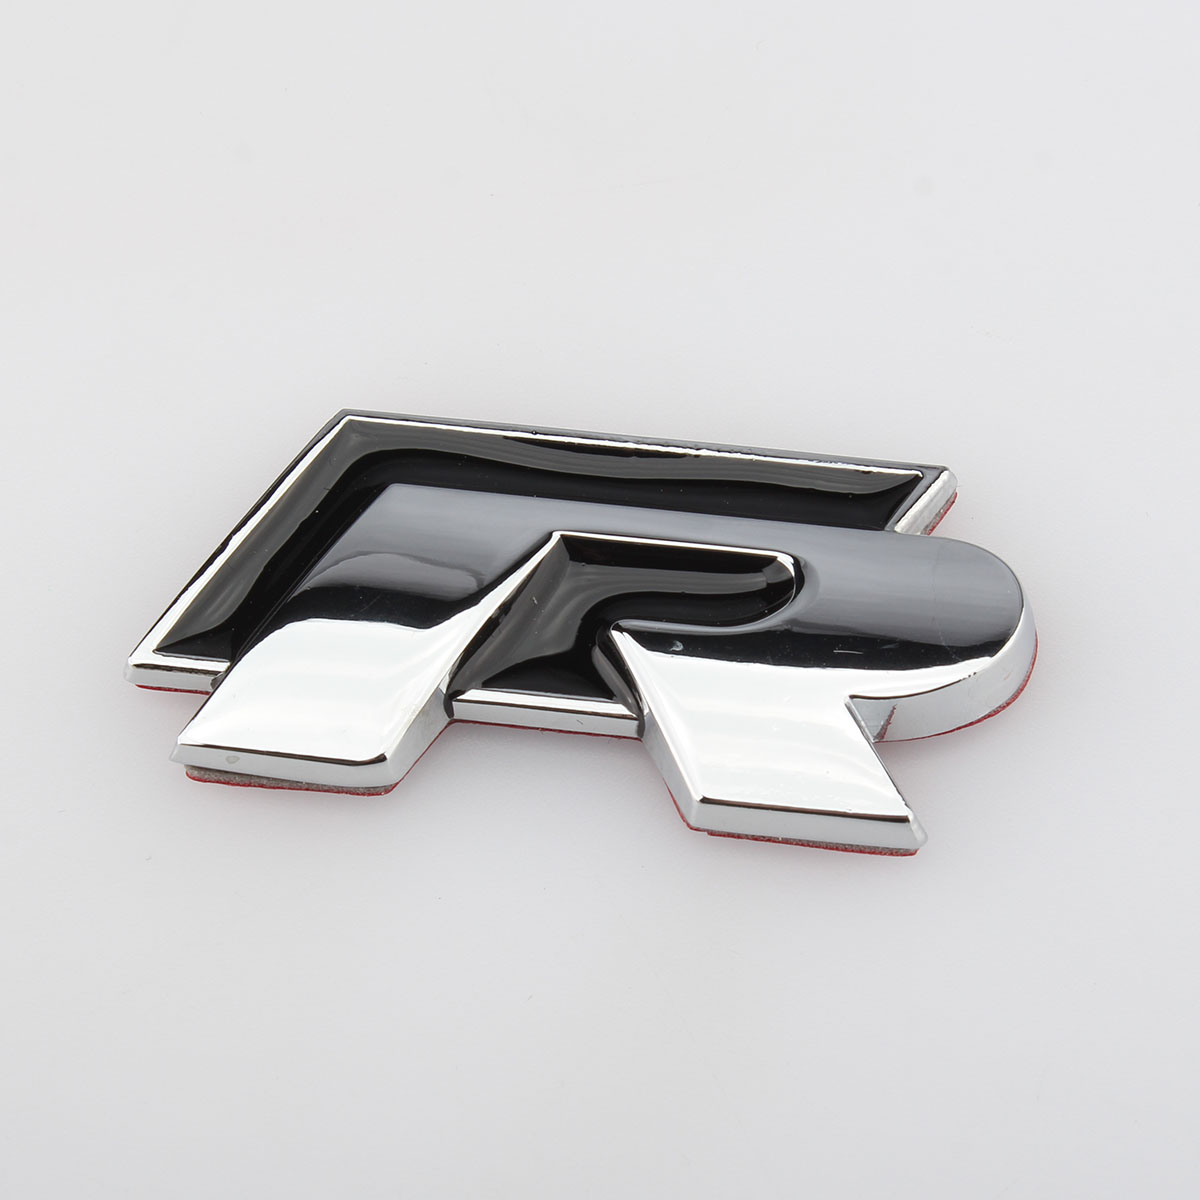 Гриль Логотип задний значок наклейка хромированная эмблема R 3D Автомобильная наклейка для VW Golf Jetta Touareg Tiguan Passat